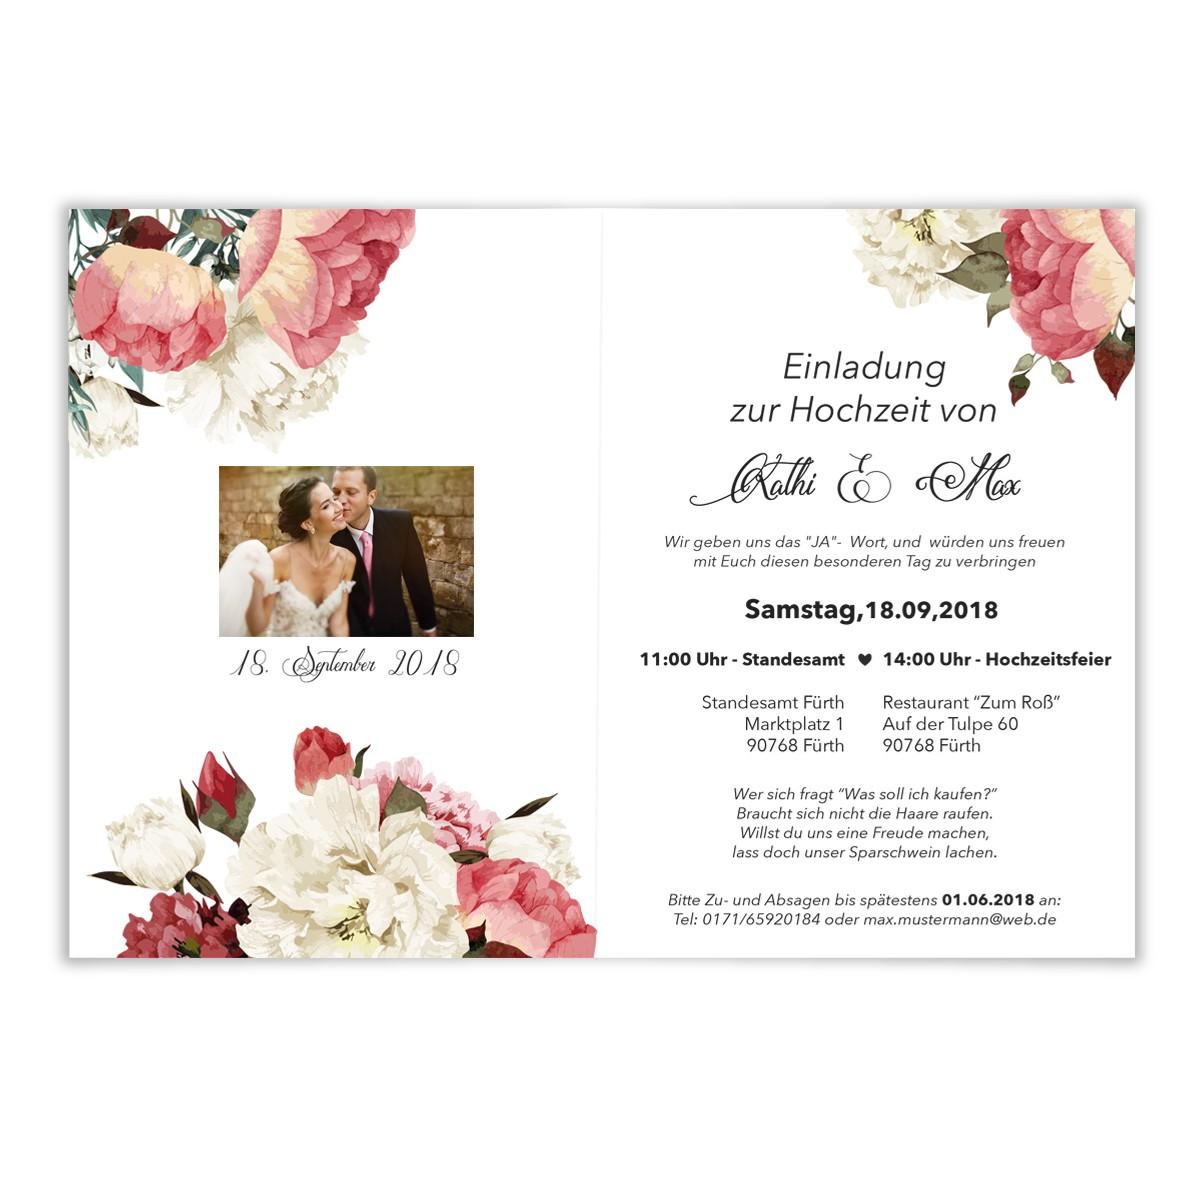 Hochzeitseinladung bunte blumen – Beliebte Hochzeitsfotos